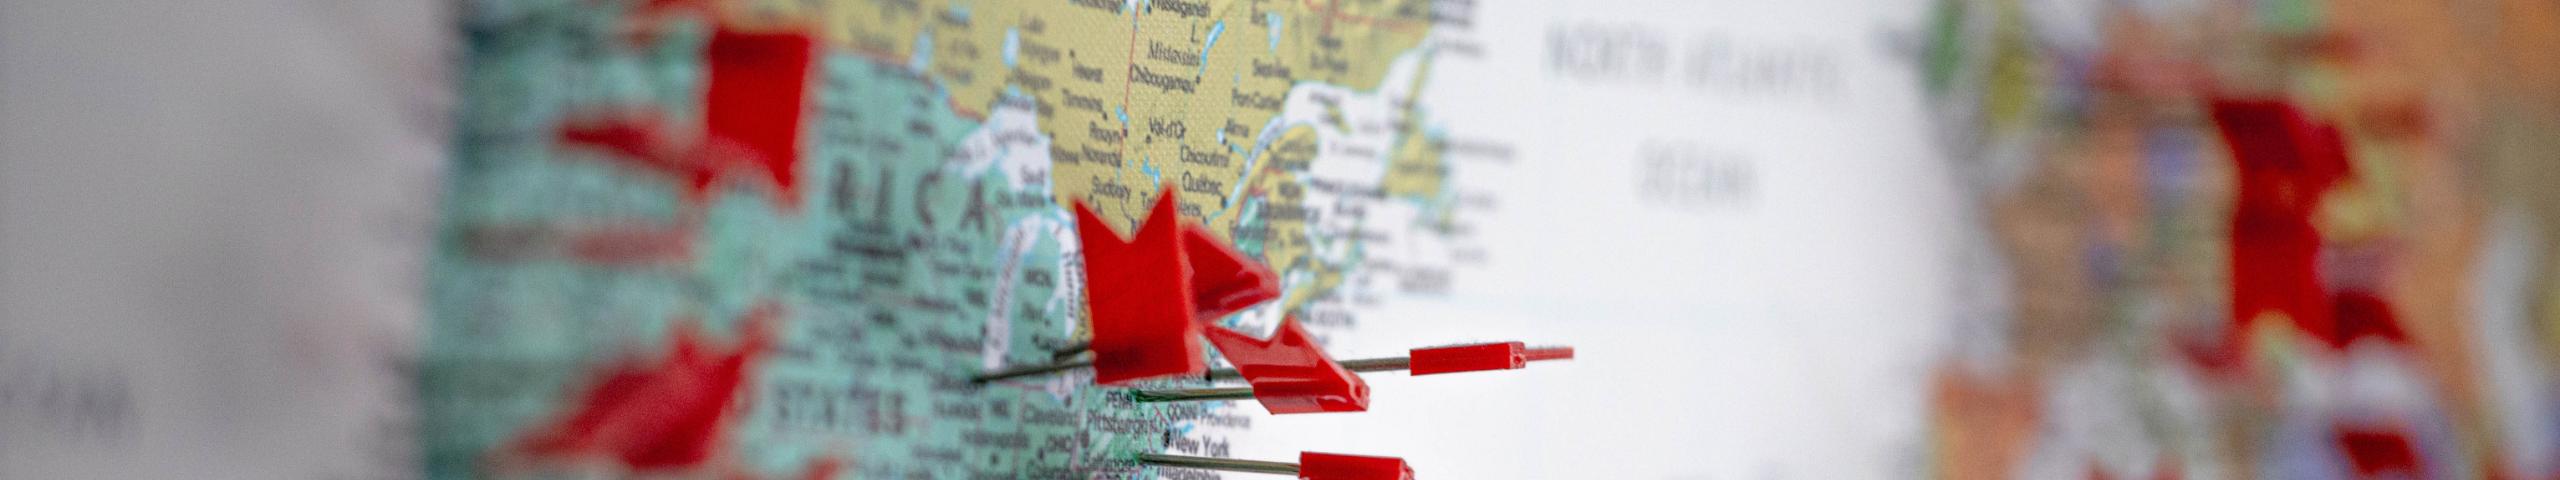 写真:地図とピン